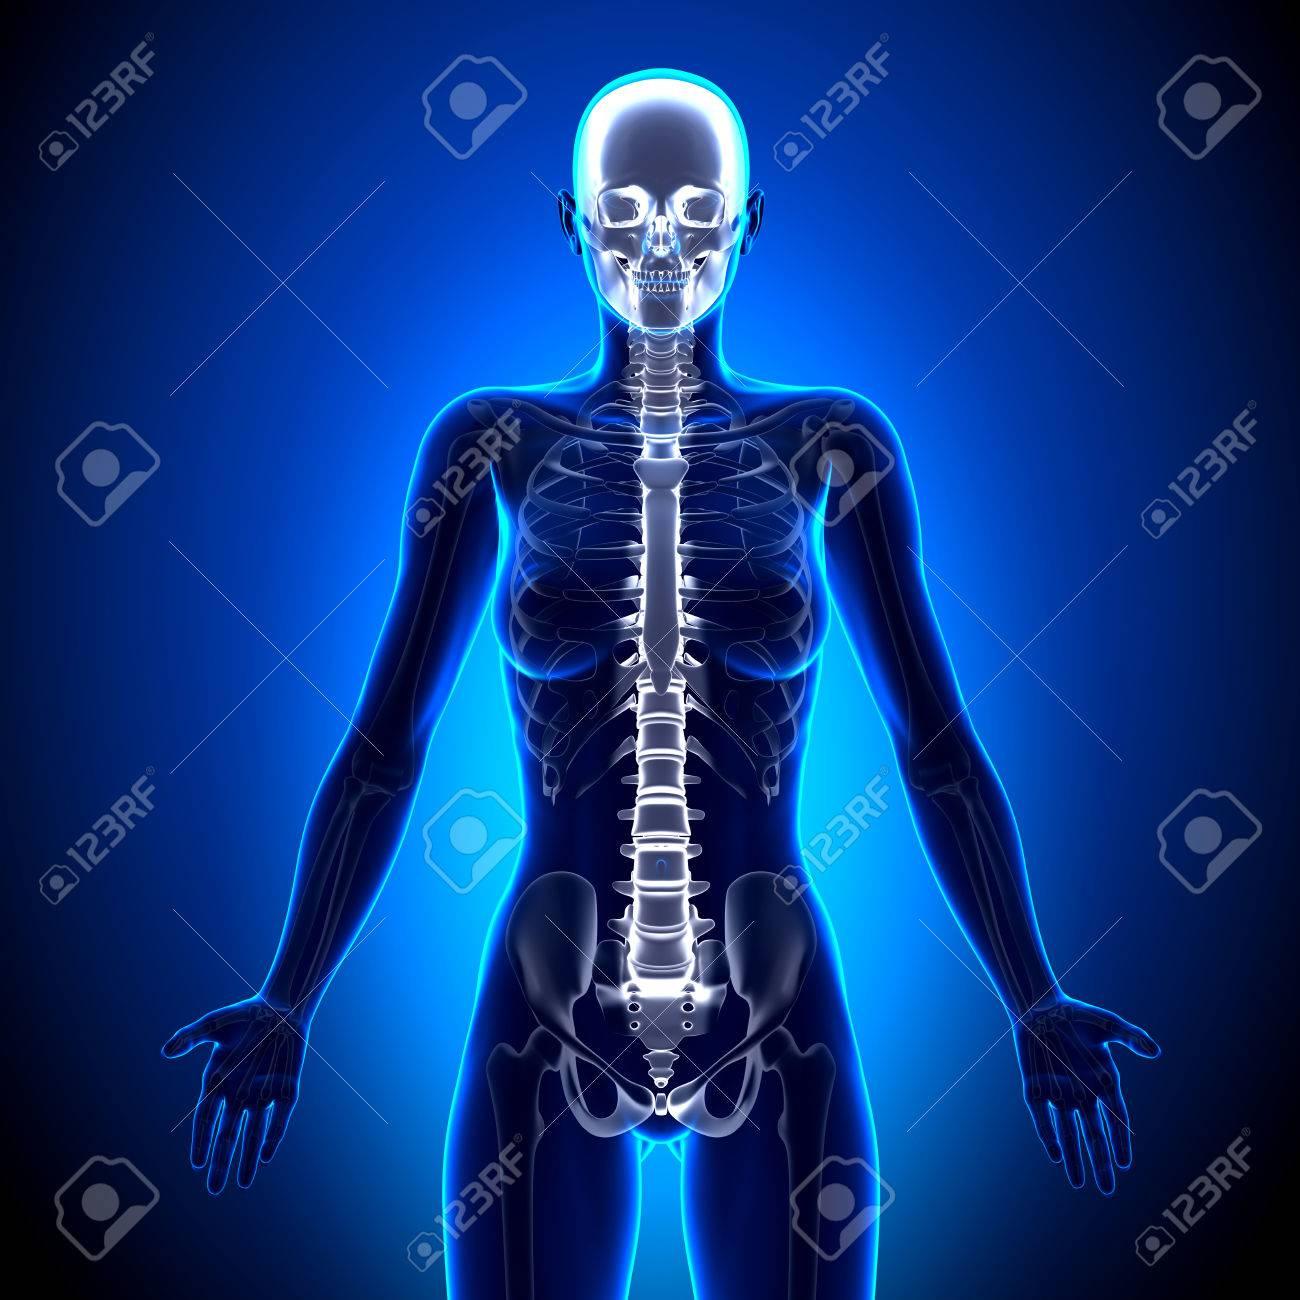 Mujer Spine - Anatomía Huesos Fotos, Retratos, Imágenes Y Fotografía ...